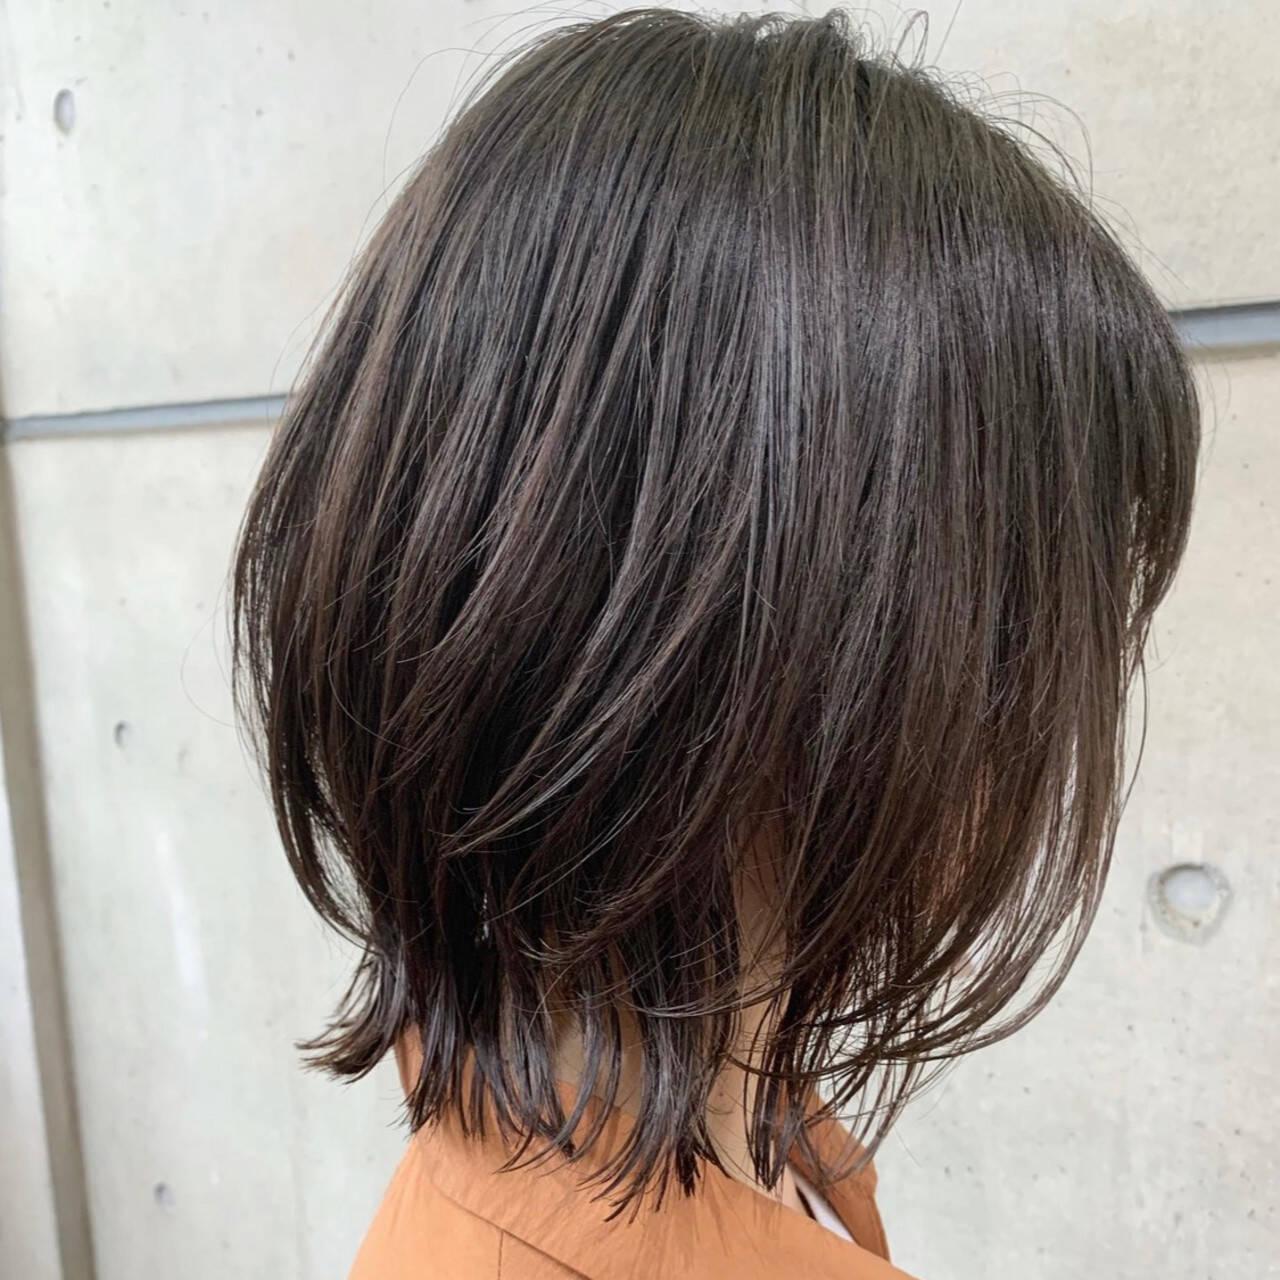 ウルフパーマ ボブ ボブウルフ 毛先パーマヘアスタイルや髪型の写真・画像